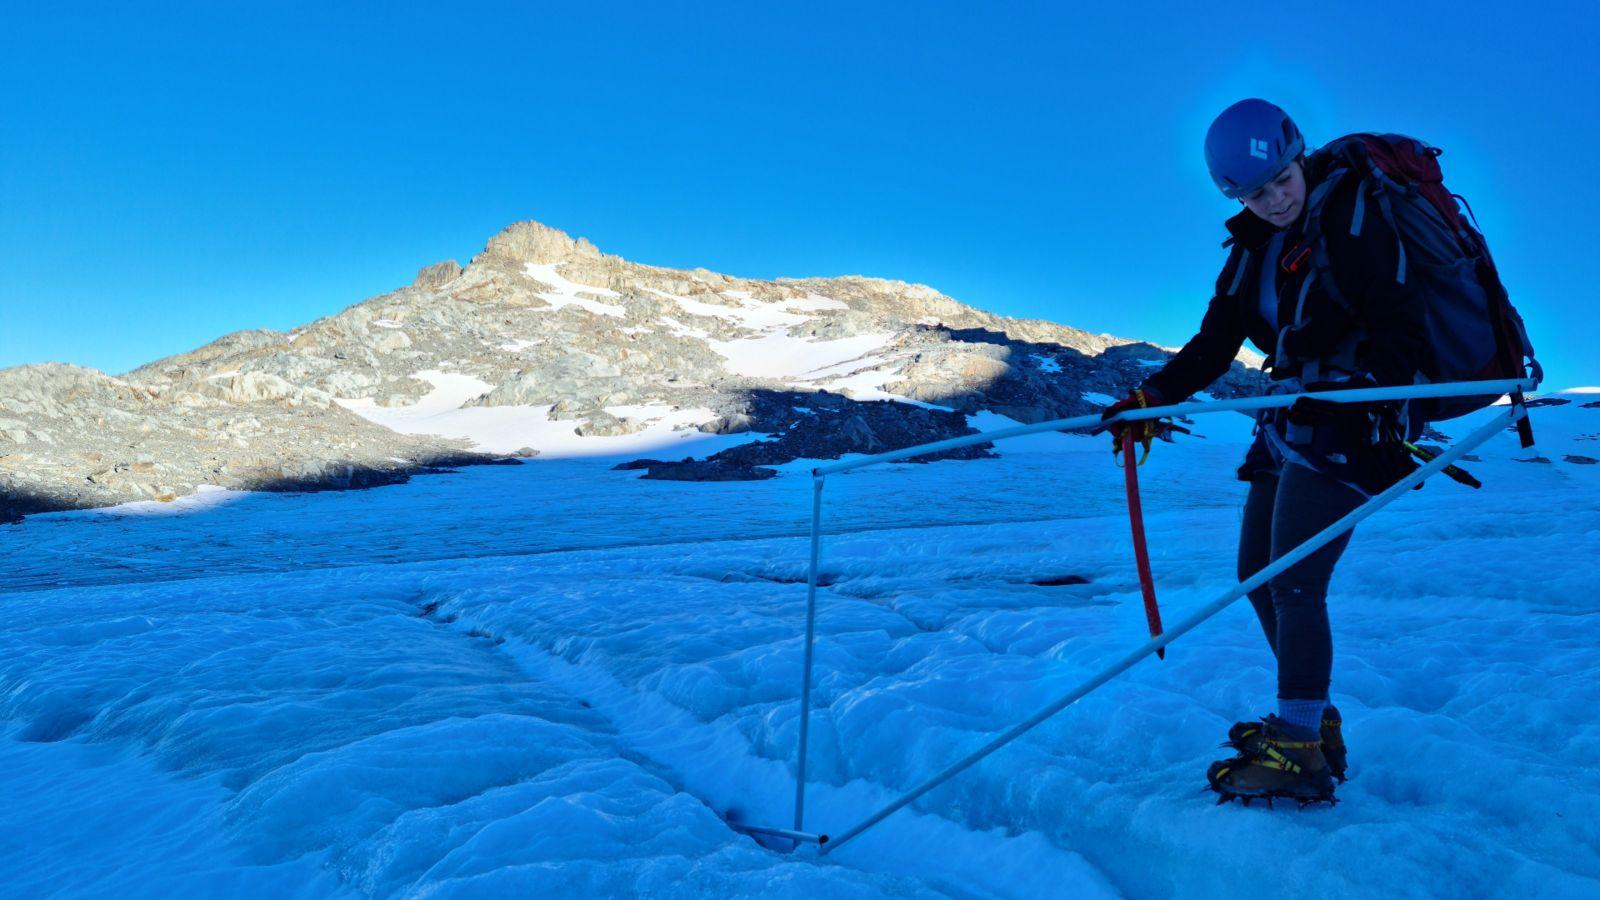 Lauren Vargo on Brewster Glacier, March 2021. Taken by Joanna Borzecki.